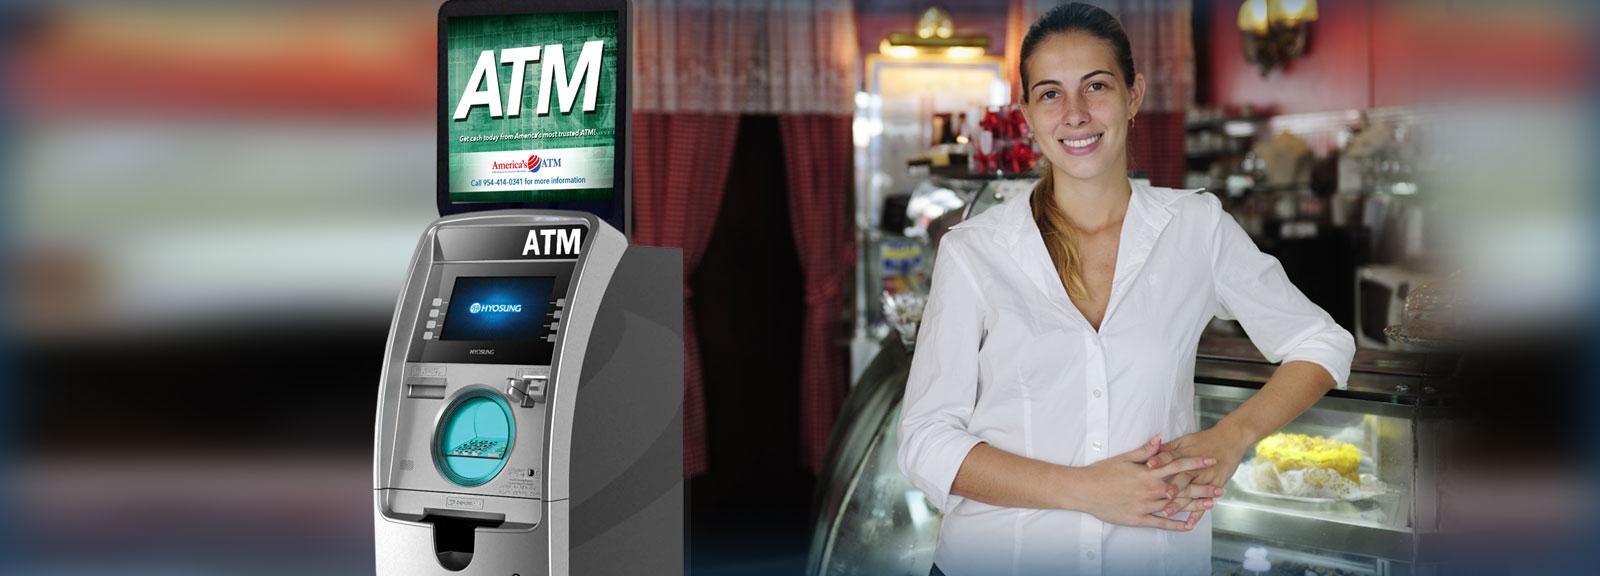 atm machine installation procedure